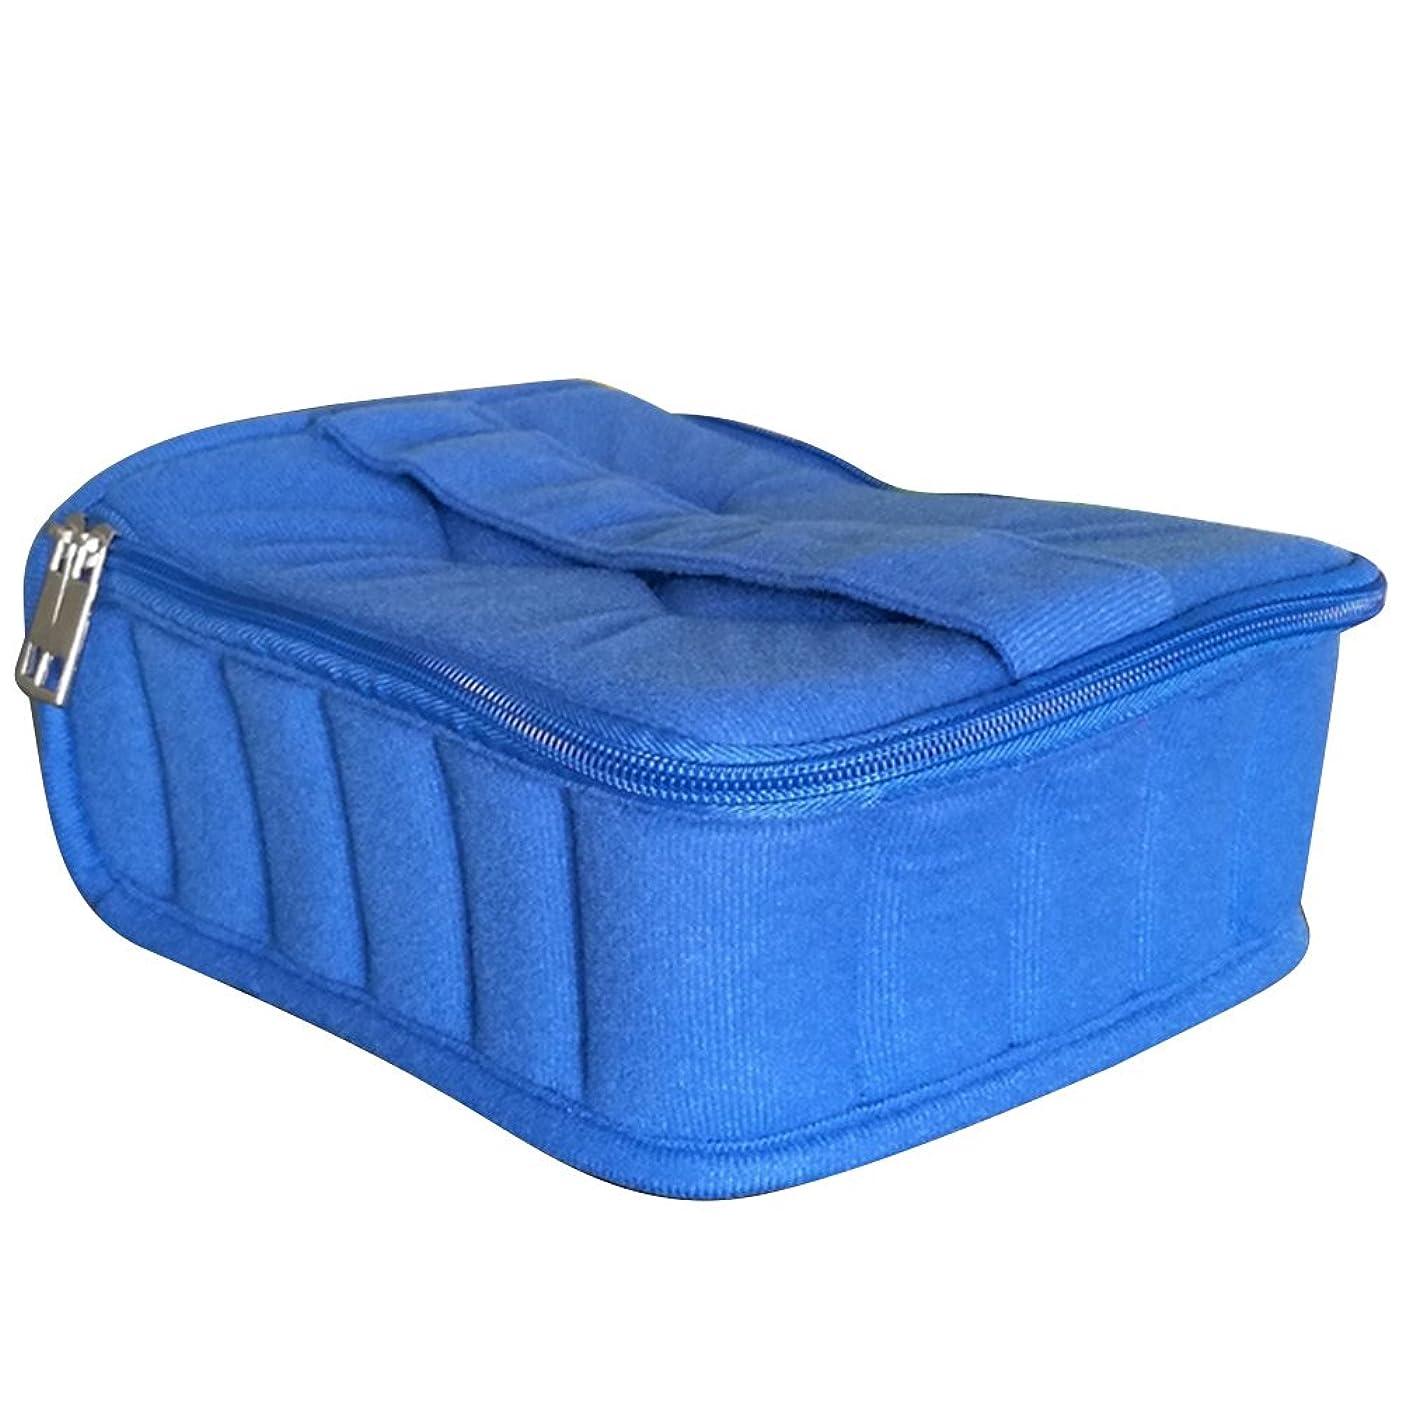 辞任のために食品ゴシレ Gosear 30 格子 ポータブル ショック抵抗力 本質 ストレージ 旅行 運ぶ ケース ホルダー バッグ ため 5 ml 10 ml 15 ml ボトル 青色